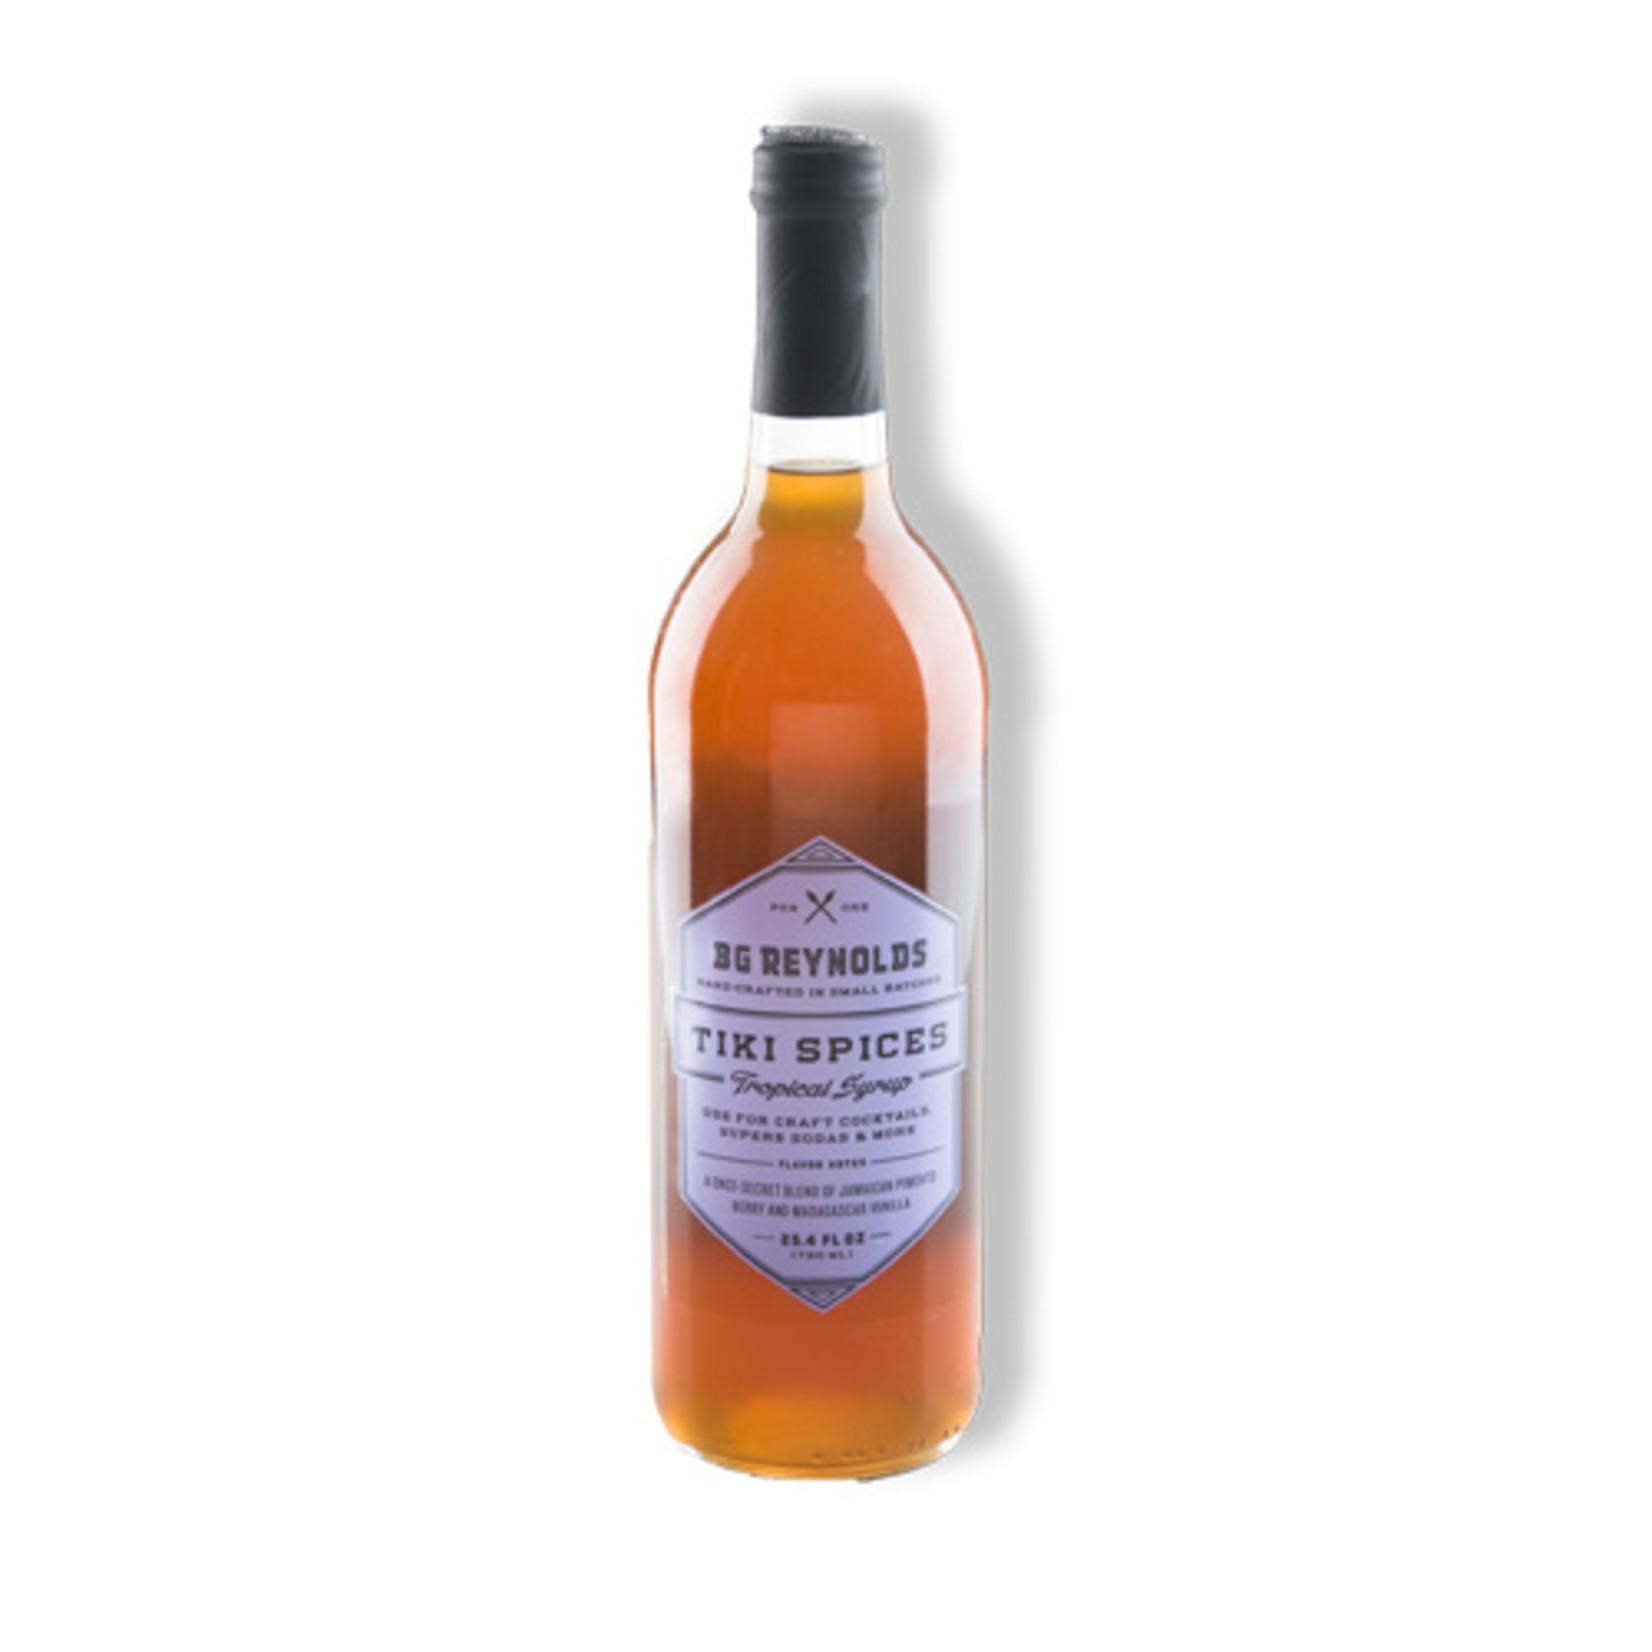 BG Reynolds BG Reynolds Syrup Tiki Spices 375ml